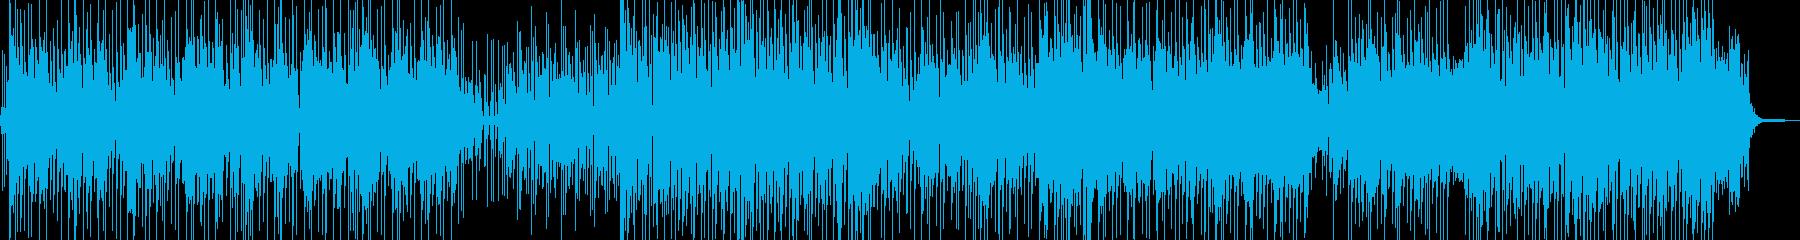 南国ムード ご機嫌なレゲェ Aの再生済みの波形